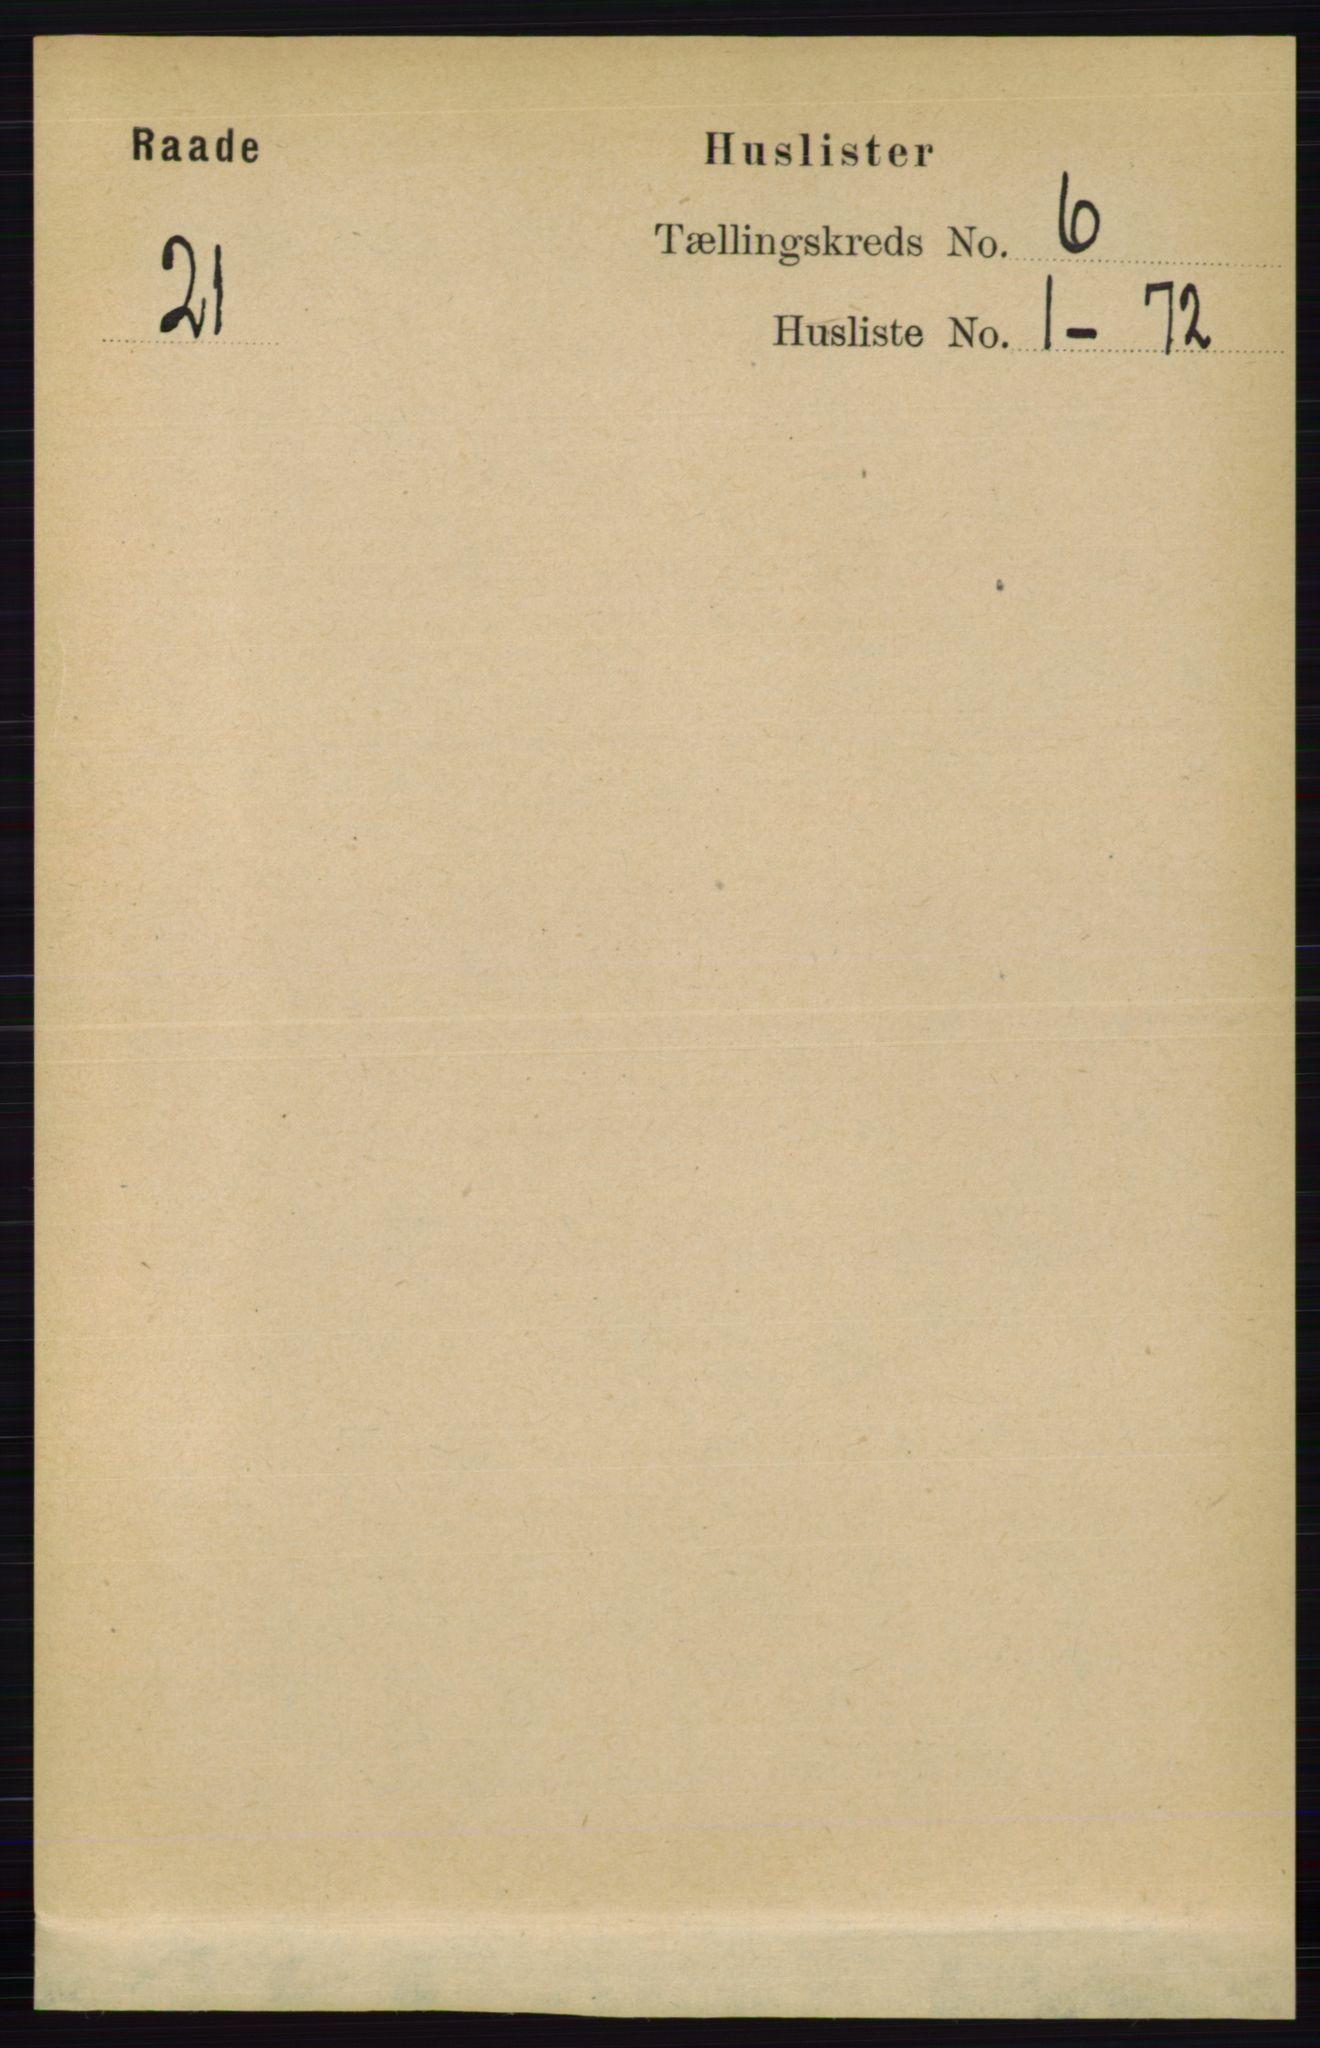 RA, Folketelling 1891 for 0135 Råde herred, 1891, s. 3079